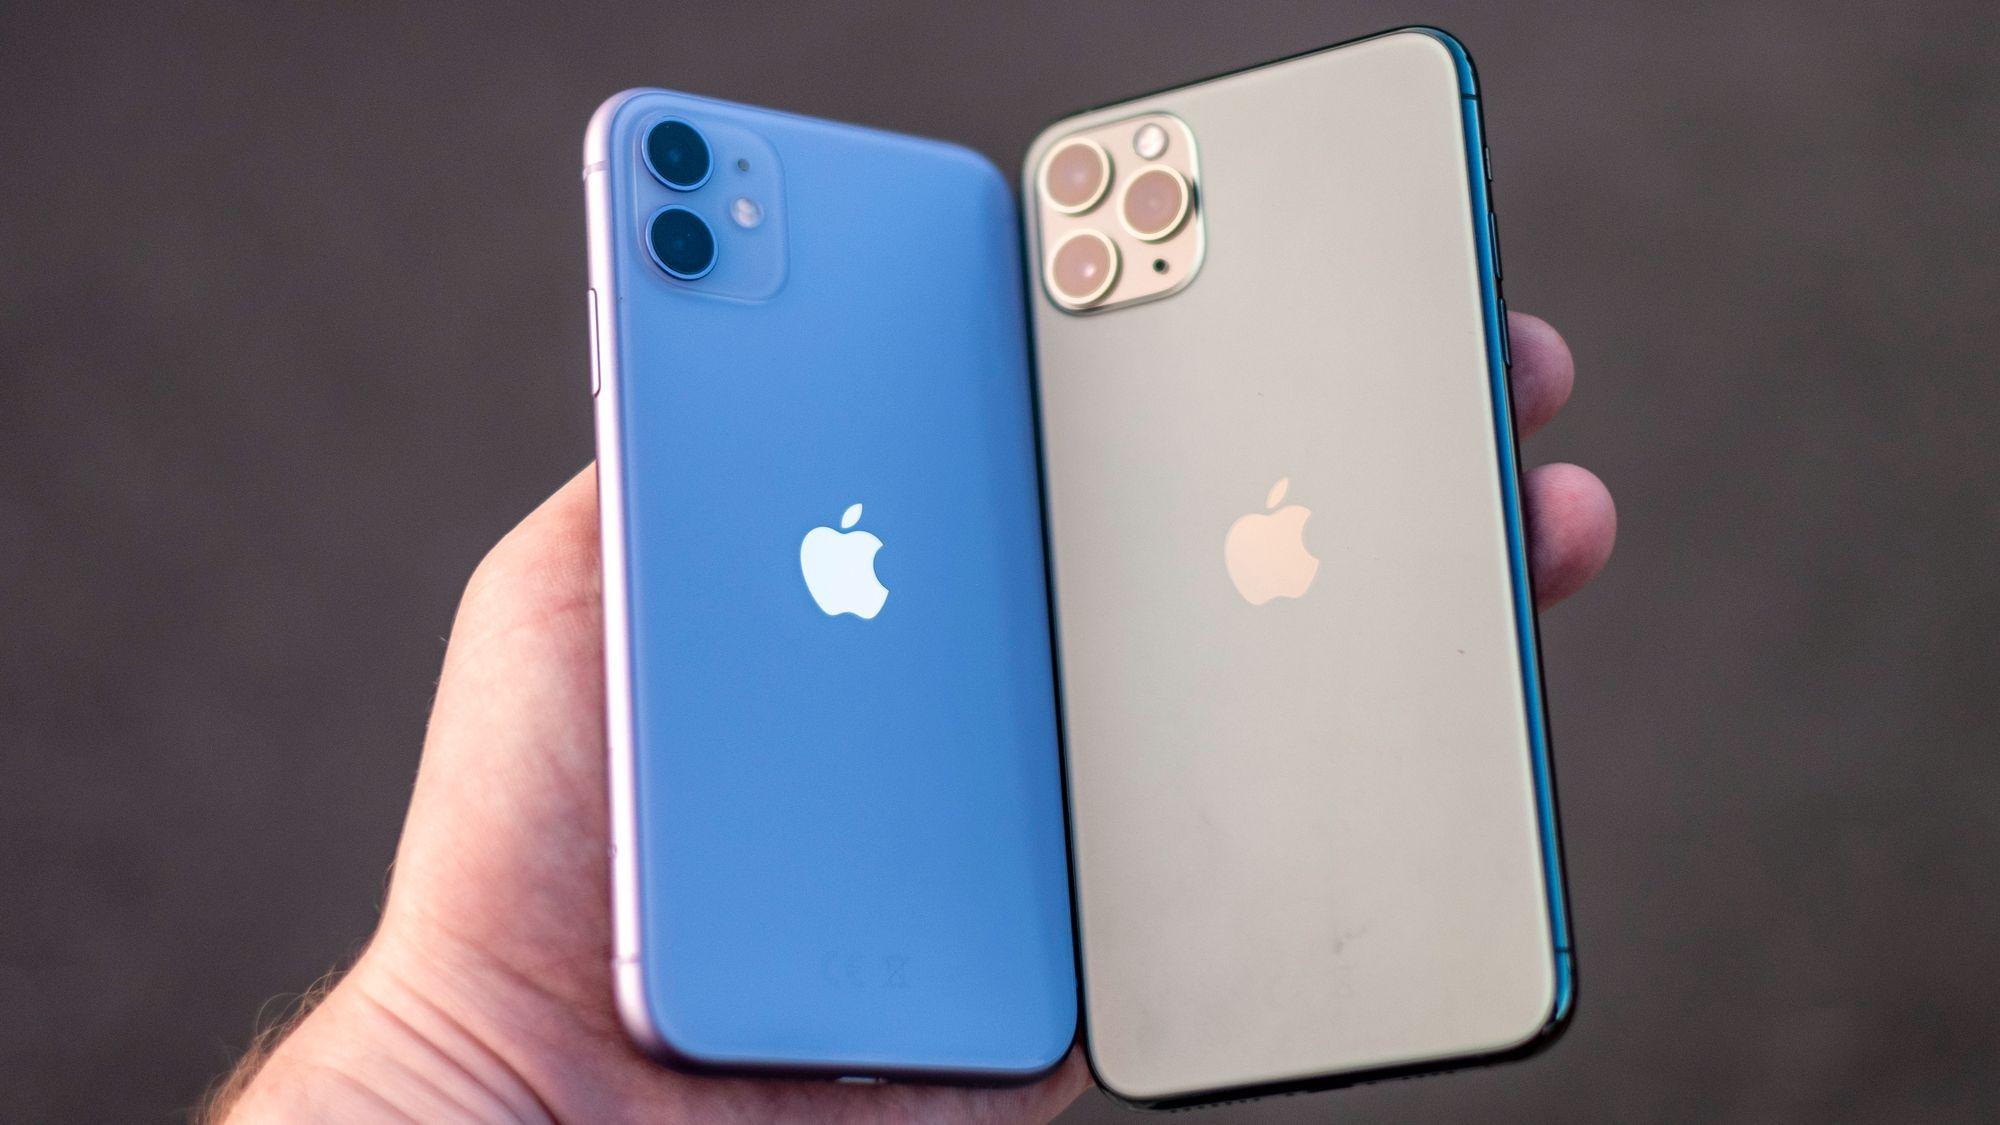 iPhone 11 til venstre vil fortsatt være i salg, mens iPhone 11 Pro Max til høyre er ikke lenger tilgjengelig i Apples nettbutikk.